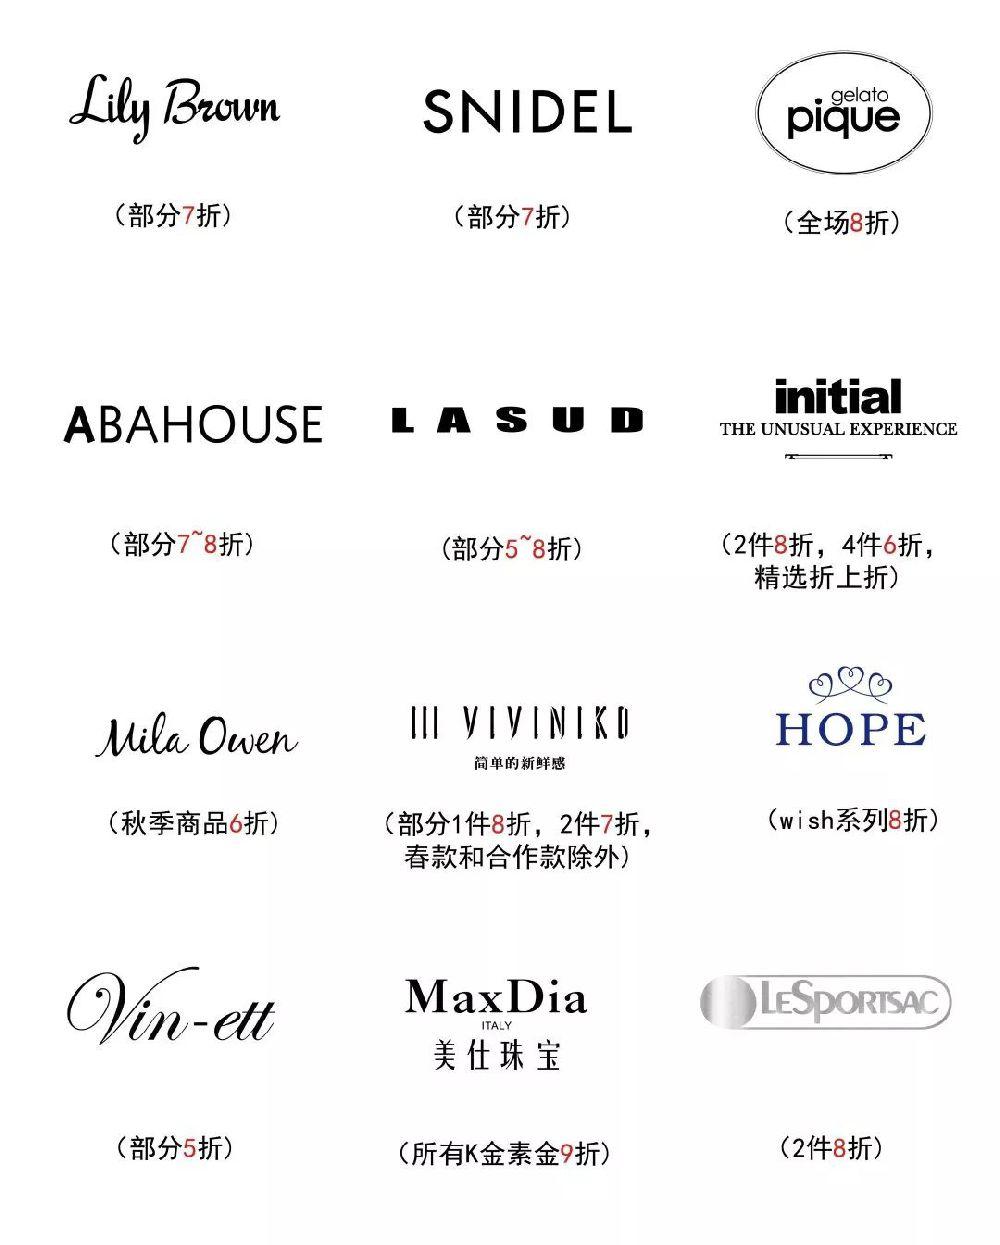 上海梅龙镇伊势丹众多品牌折扣优 全场2折起